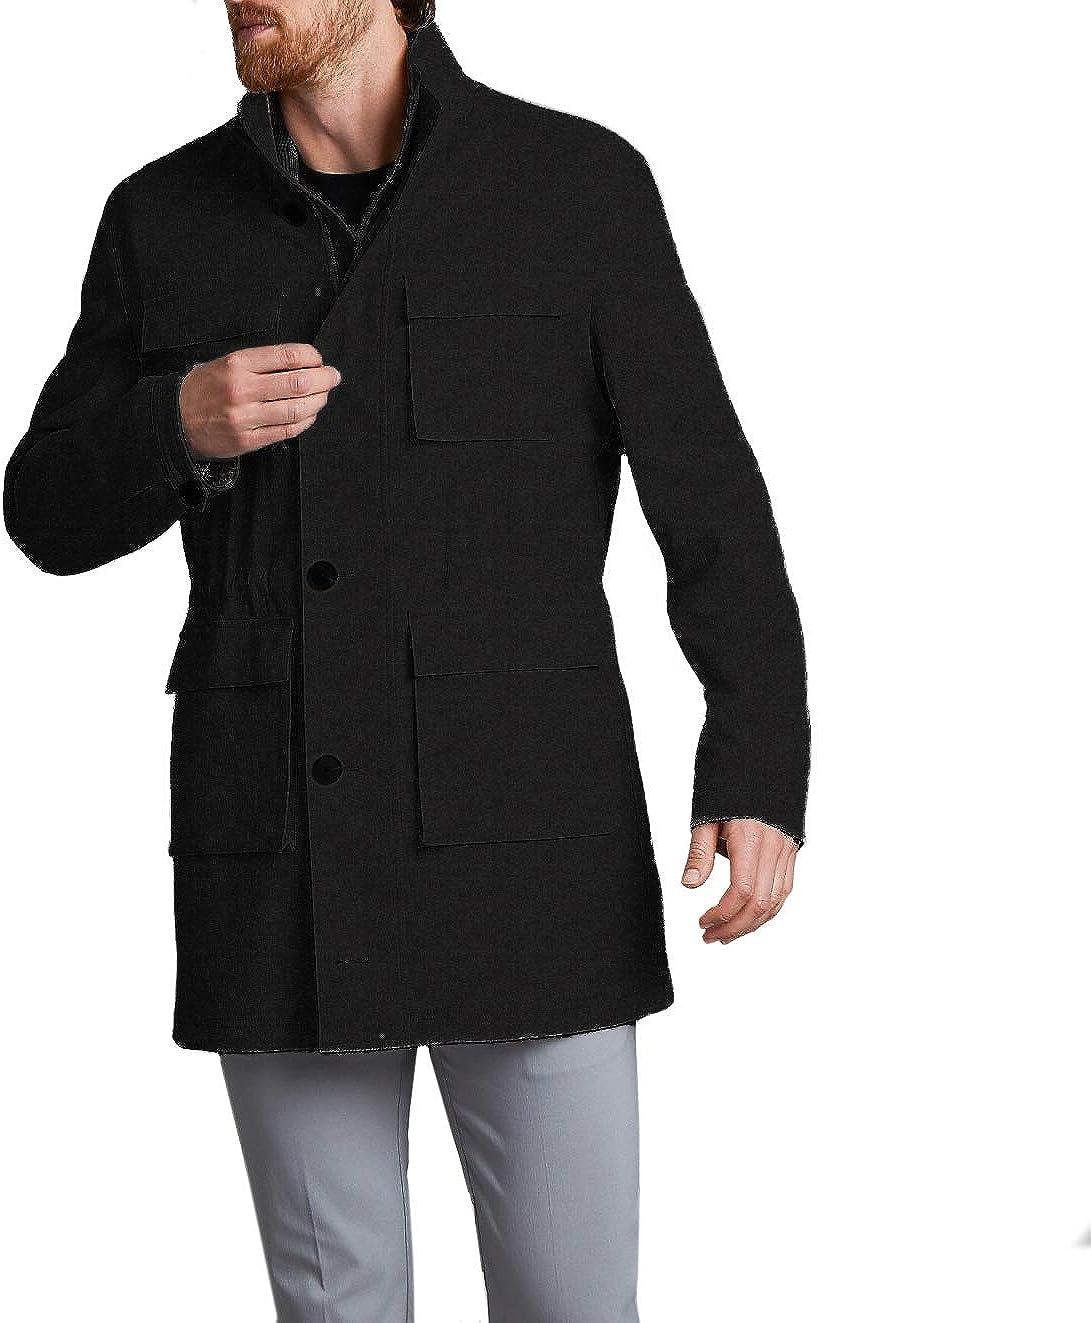 Chaps Men's Casual Coat